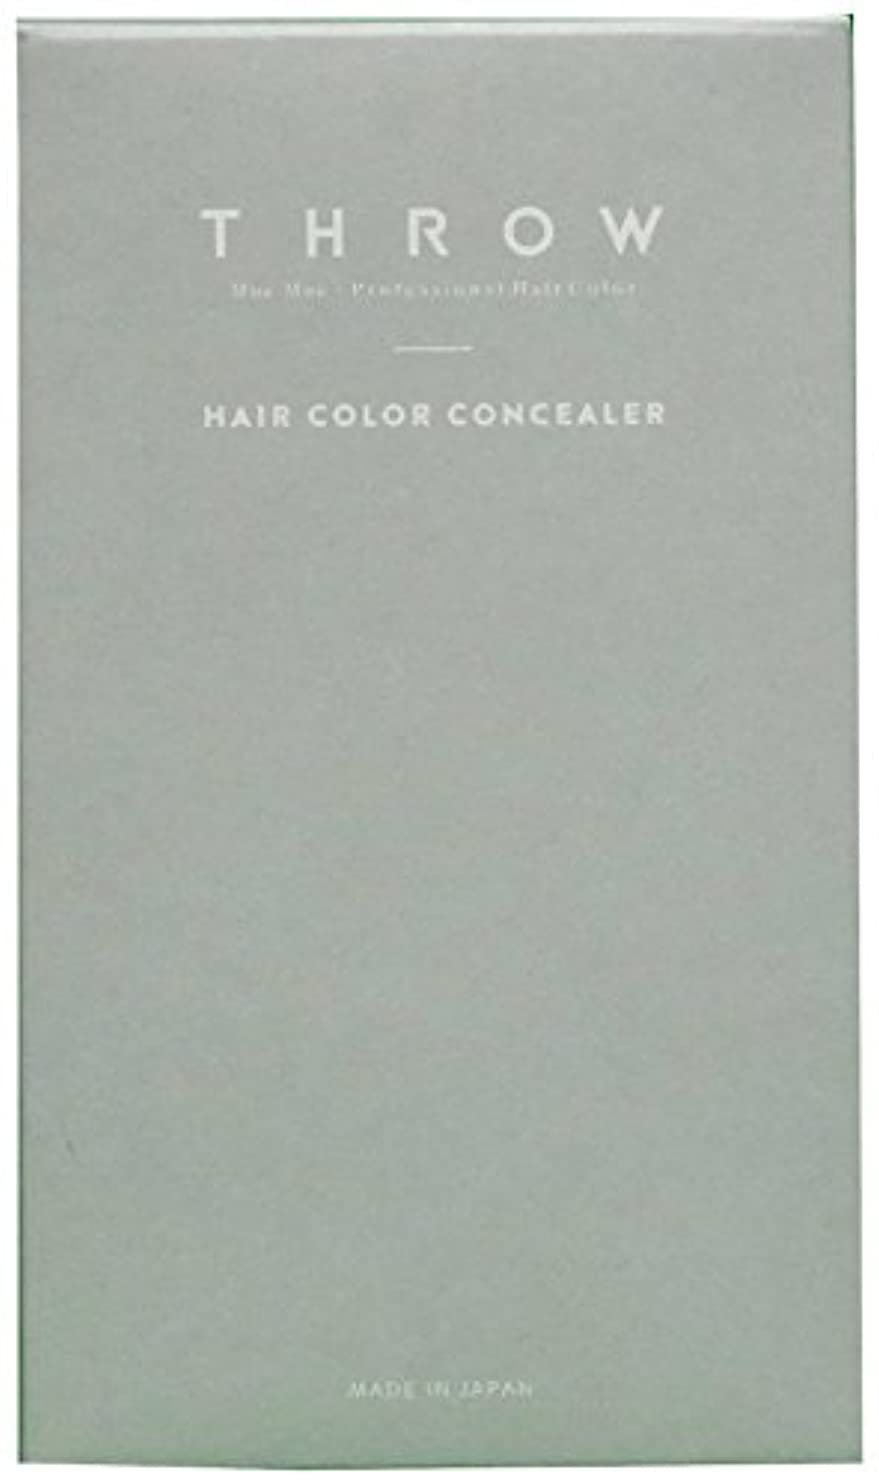 開いたかわいらしい先祖スロウ ヘアカラーコンシーラー(ライトブラウンレギュラー)<毛髪着色料>専用パフ入り